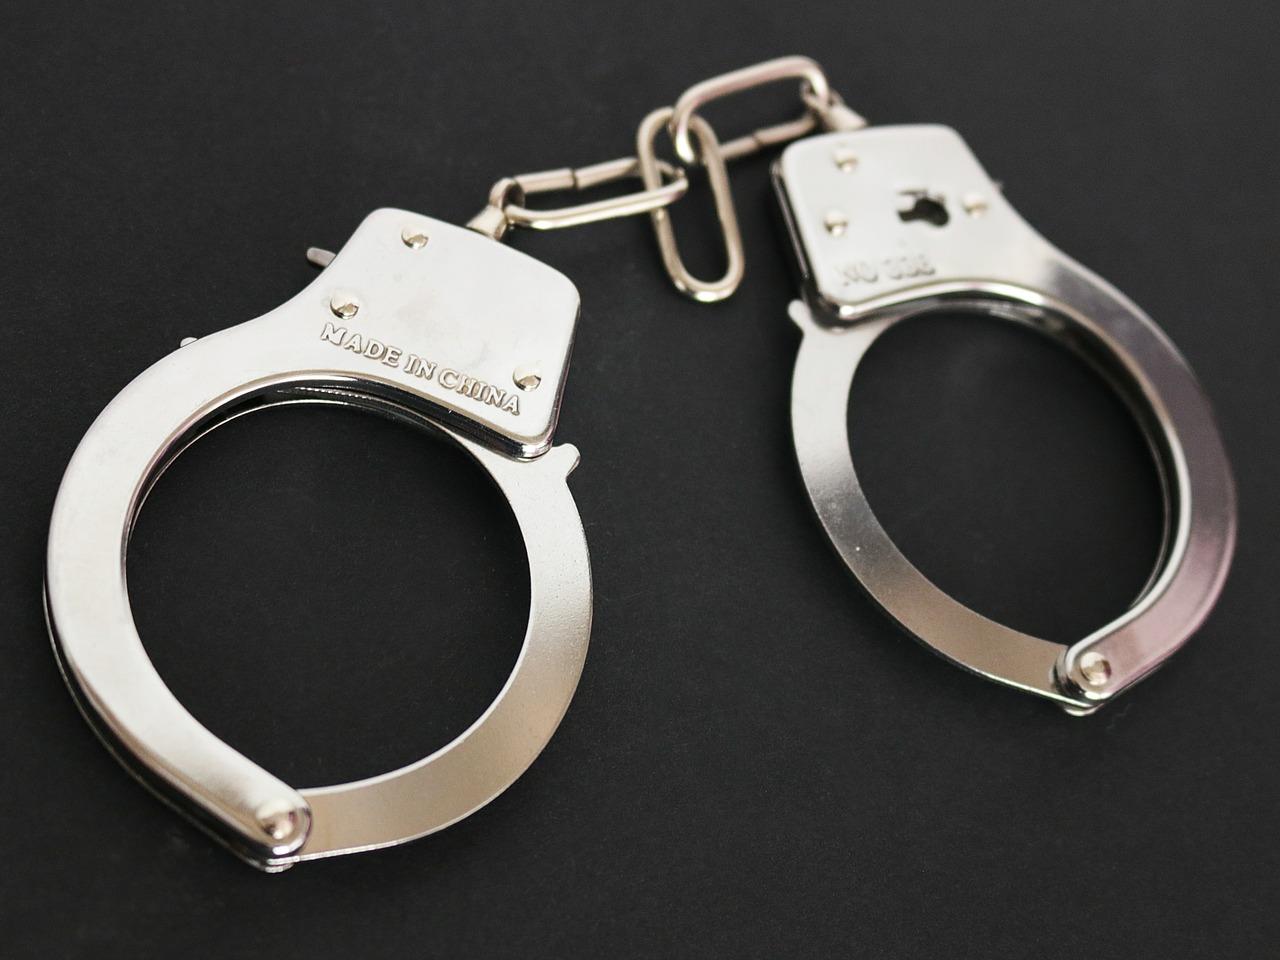 В Москве задержали крымчанина, объявленного в федеральный розыск